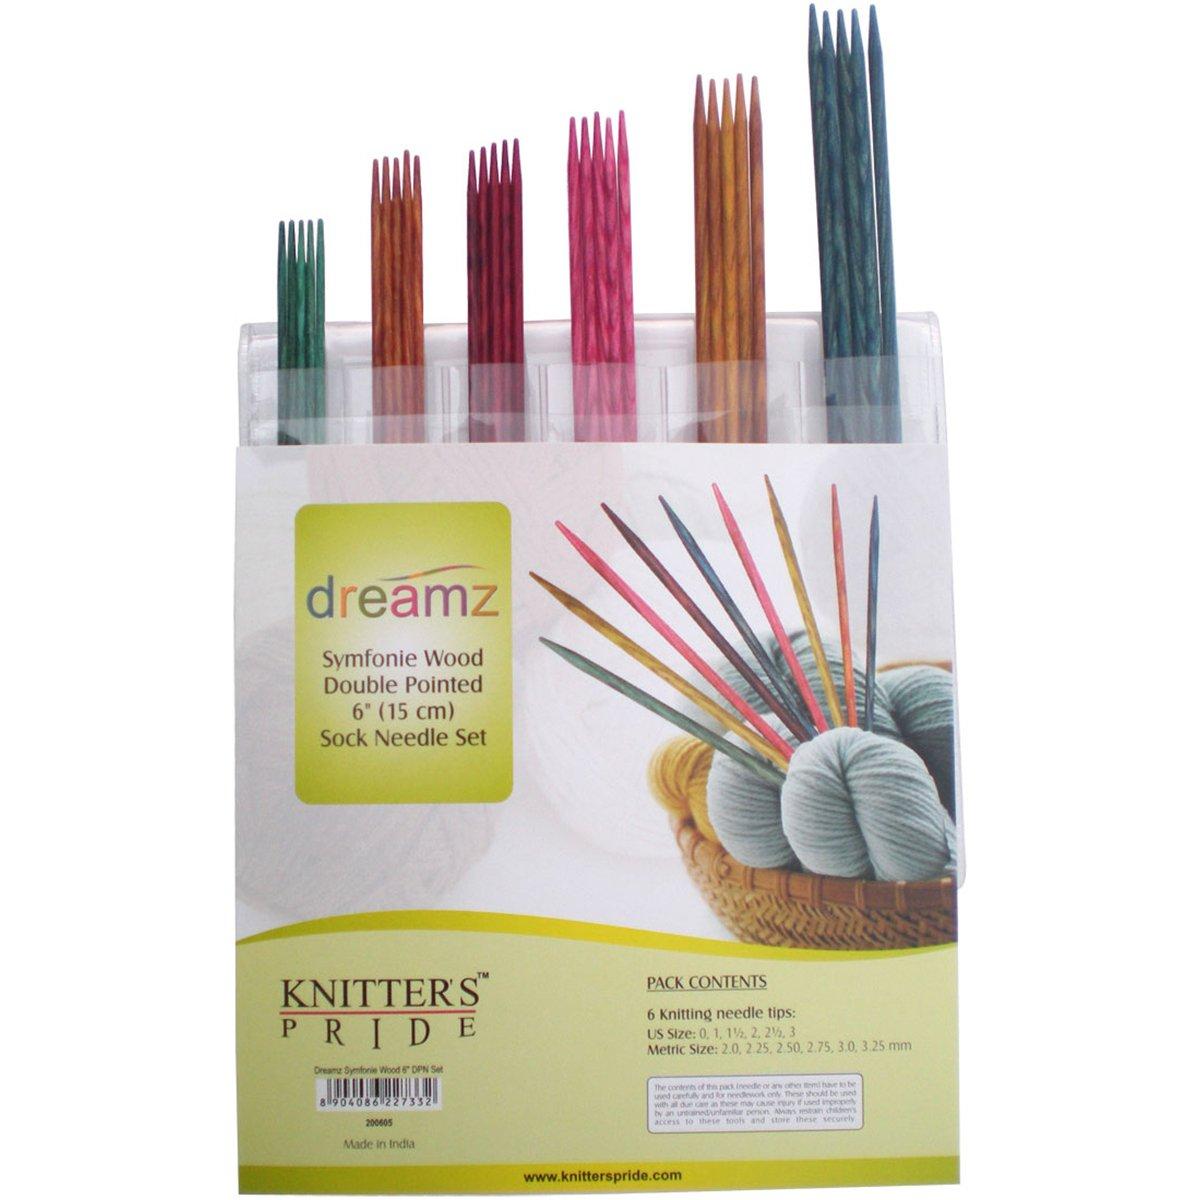 Knitter's Pride Dreamz Strumpfstricknadel Nadeln Set 6